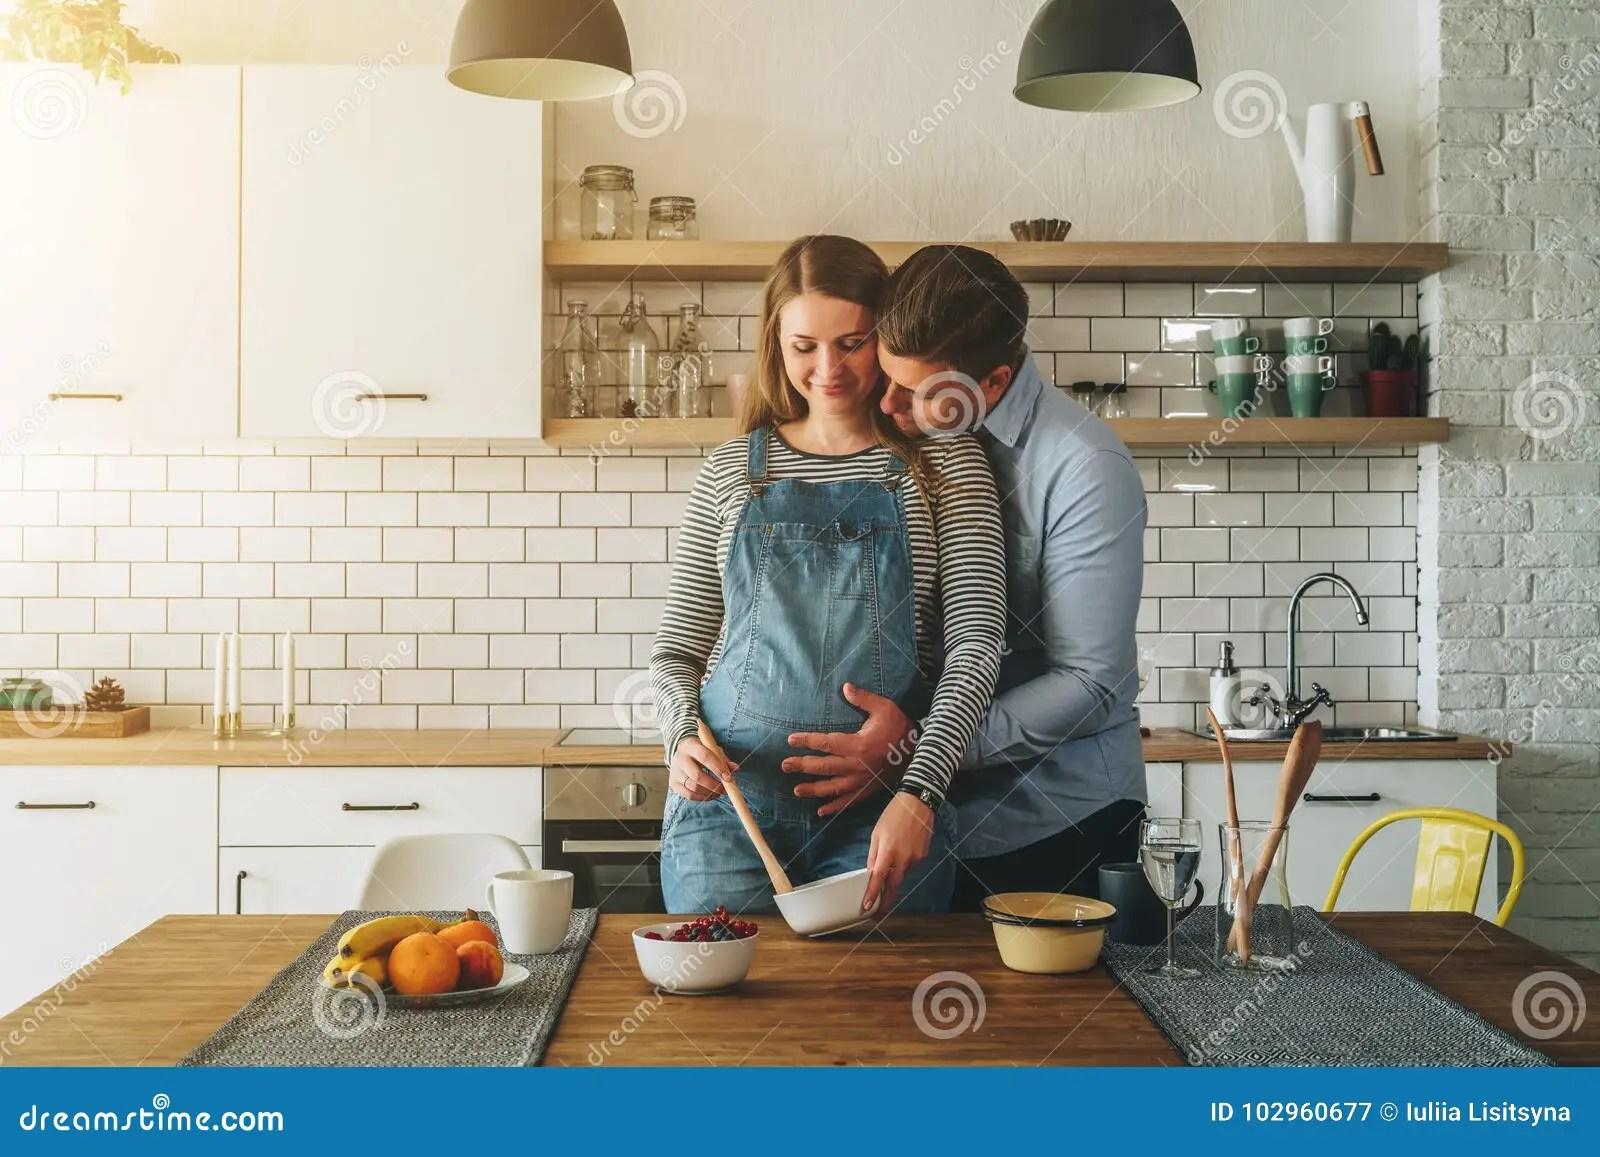 kitchen prep table solid wood cabinets 年轻人已婚夫妇在厨房里拥抱常设近的桌他的拥抱丈夫怀孕的妻子库存图片 年轻人已婚夫妇在厨房里拥抱常设近的桌丈夫拥抱他怀孕的妻子 把他的手放在她的大腹部上 妇女准备早餐生活方式 在爱的夫妇 愉快的人民